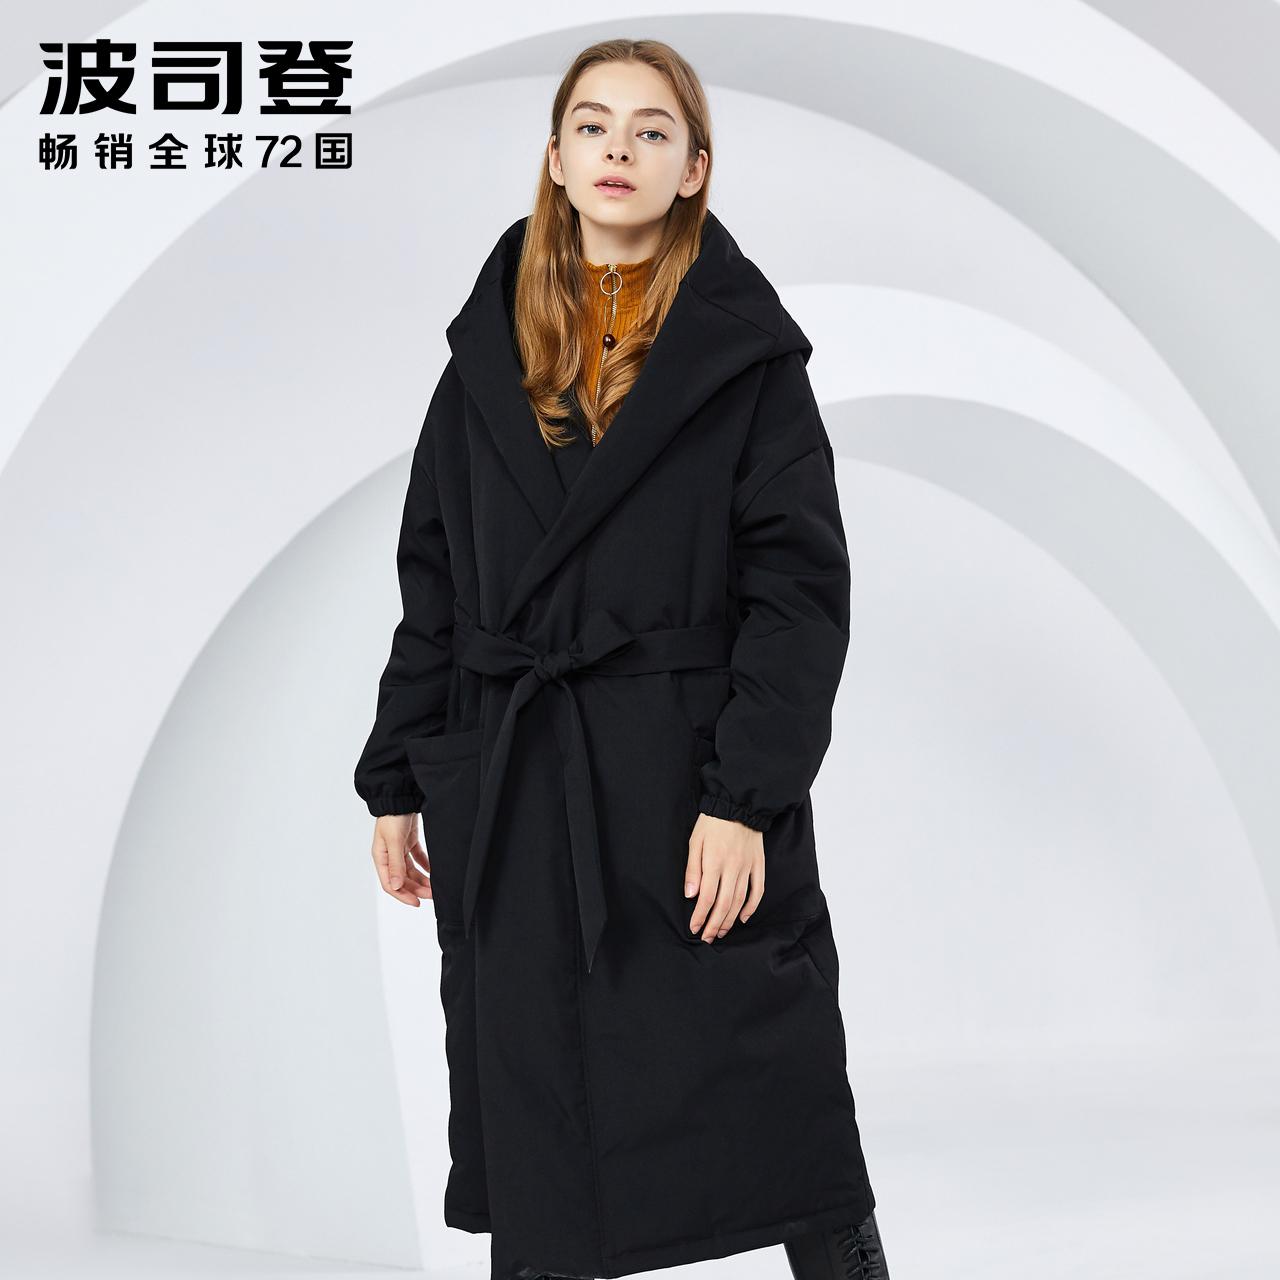 波司登羽绒服女长款2018秋冬新款连帽厚款修身外套潮B80141508DS